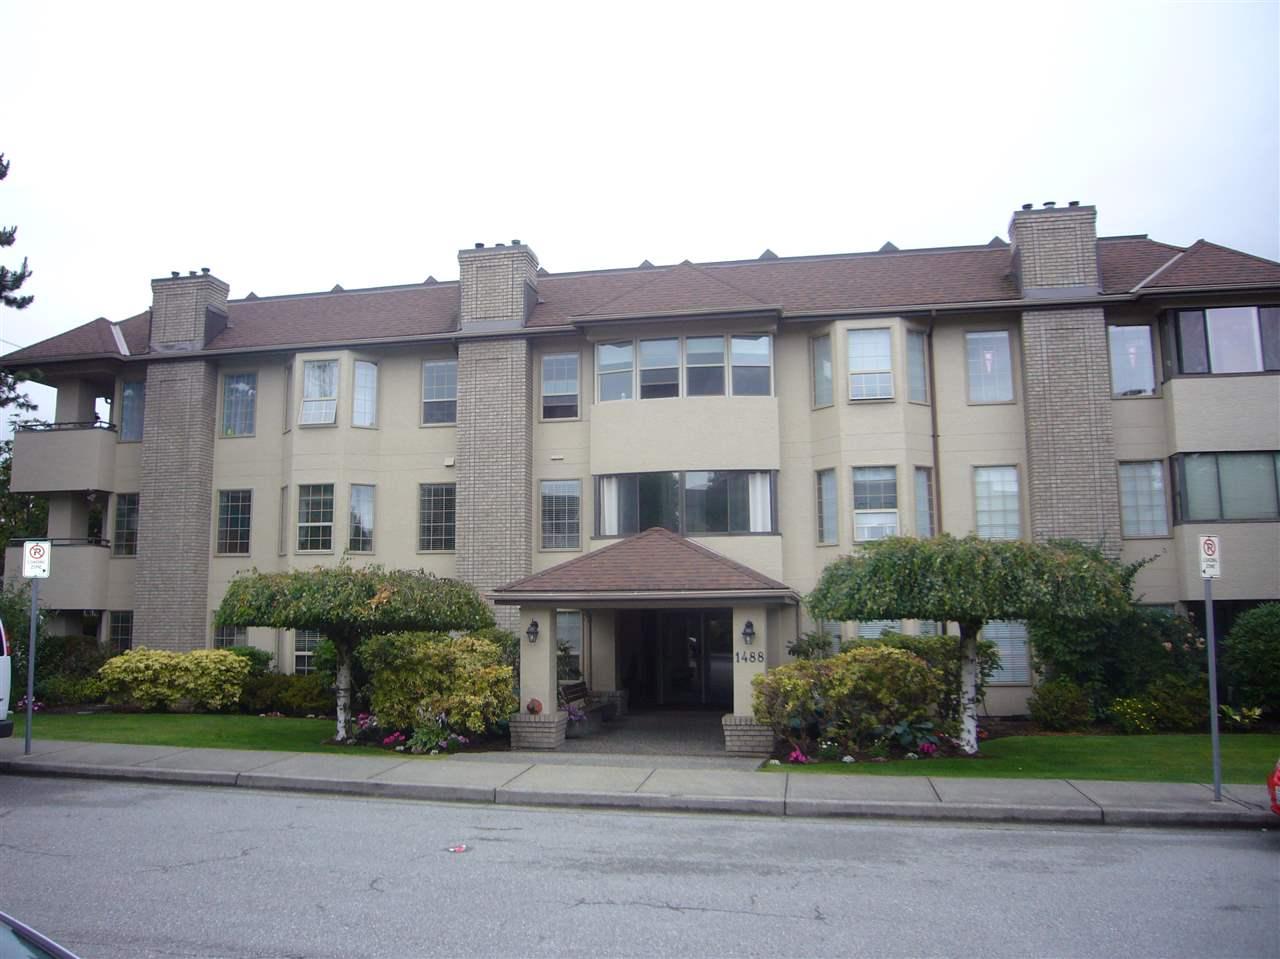 Buliding: 1488 Merklin Street, White Rock, BC